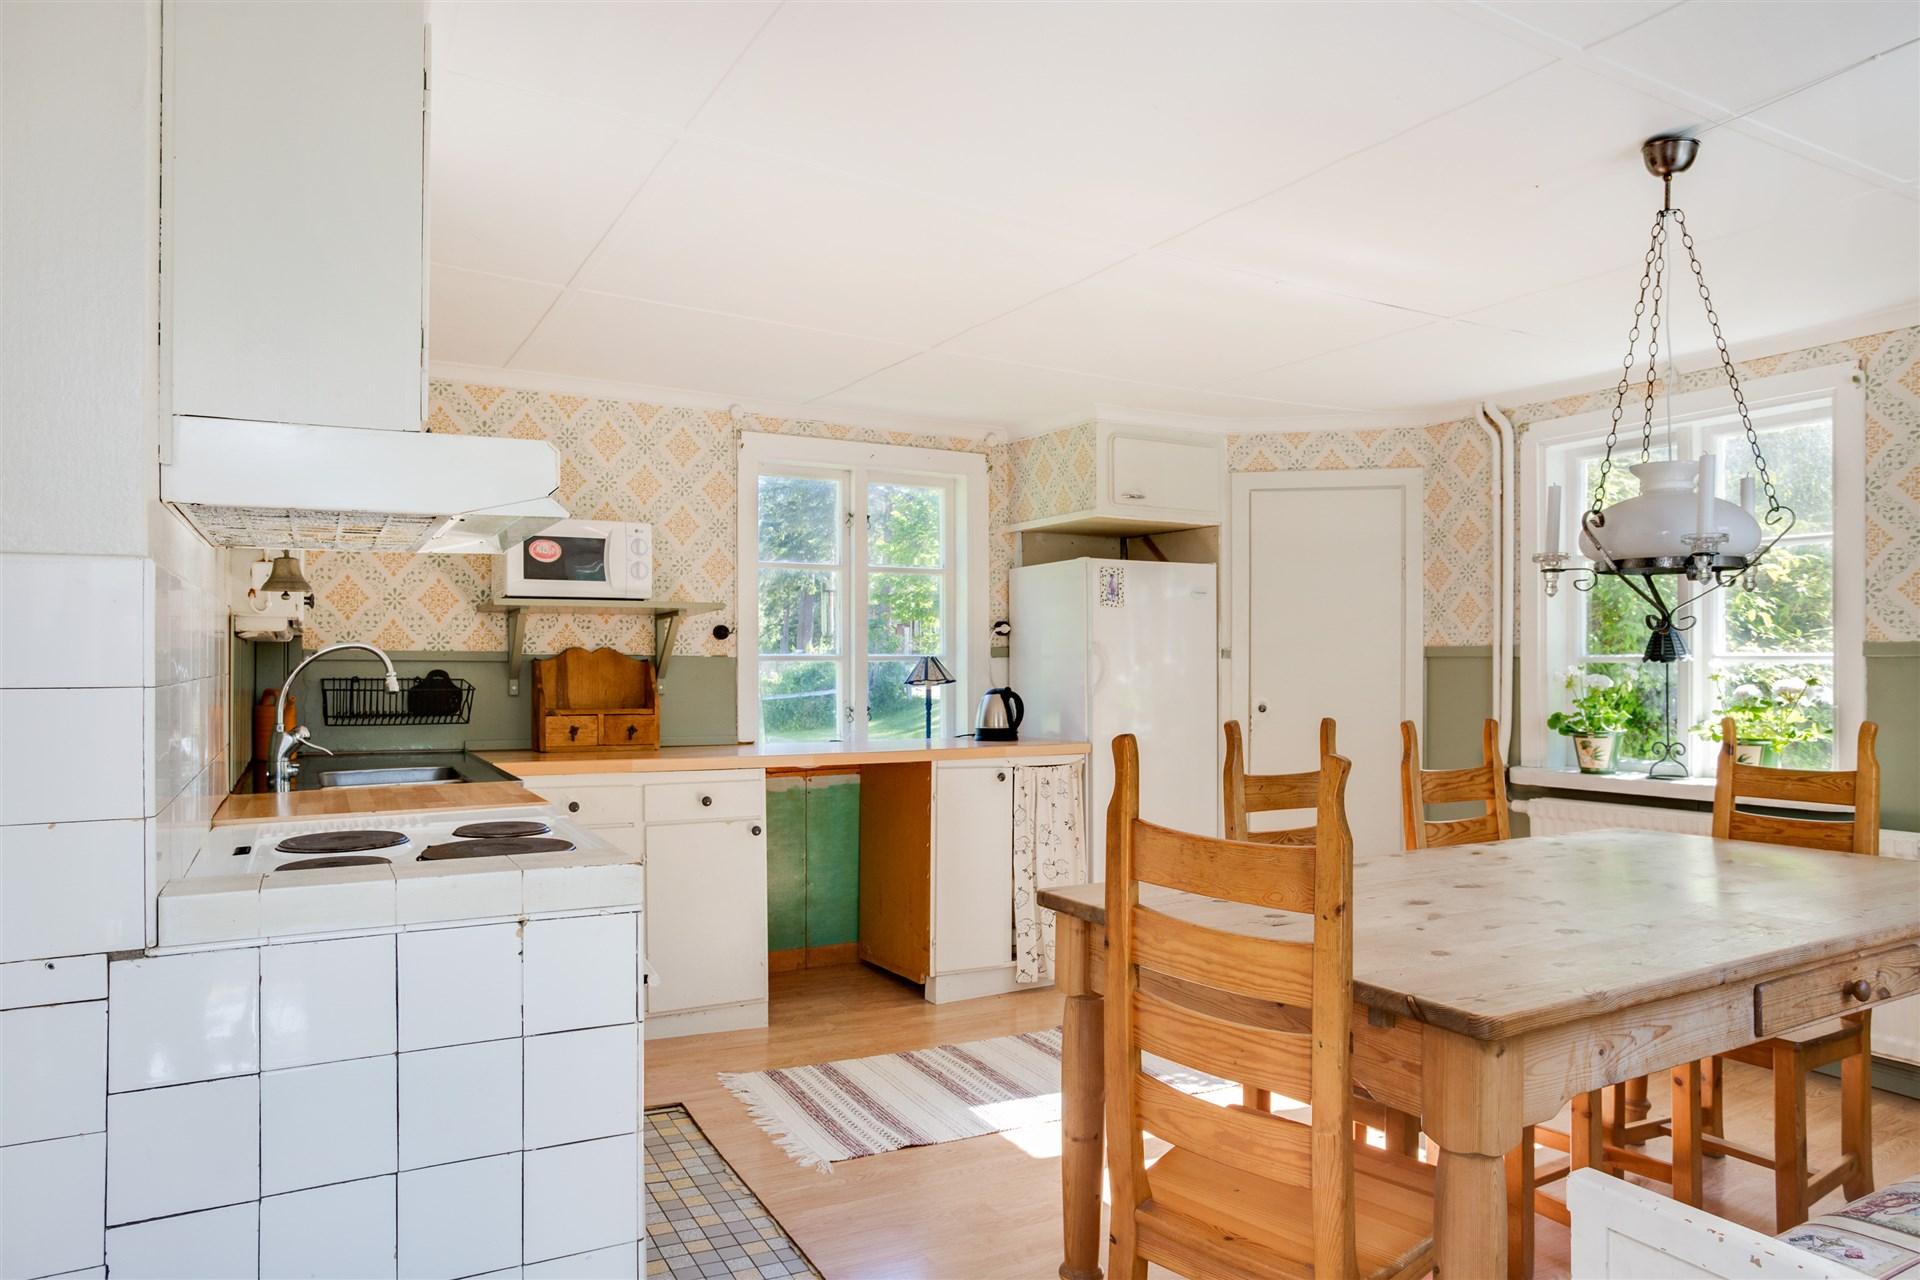 Mysigt kök i gammal stil med fönster åt tre håll.